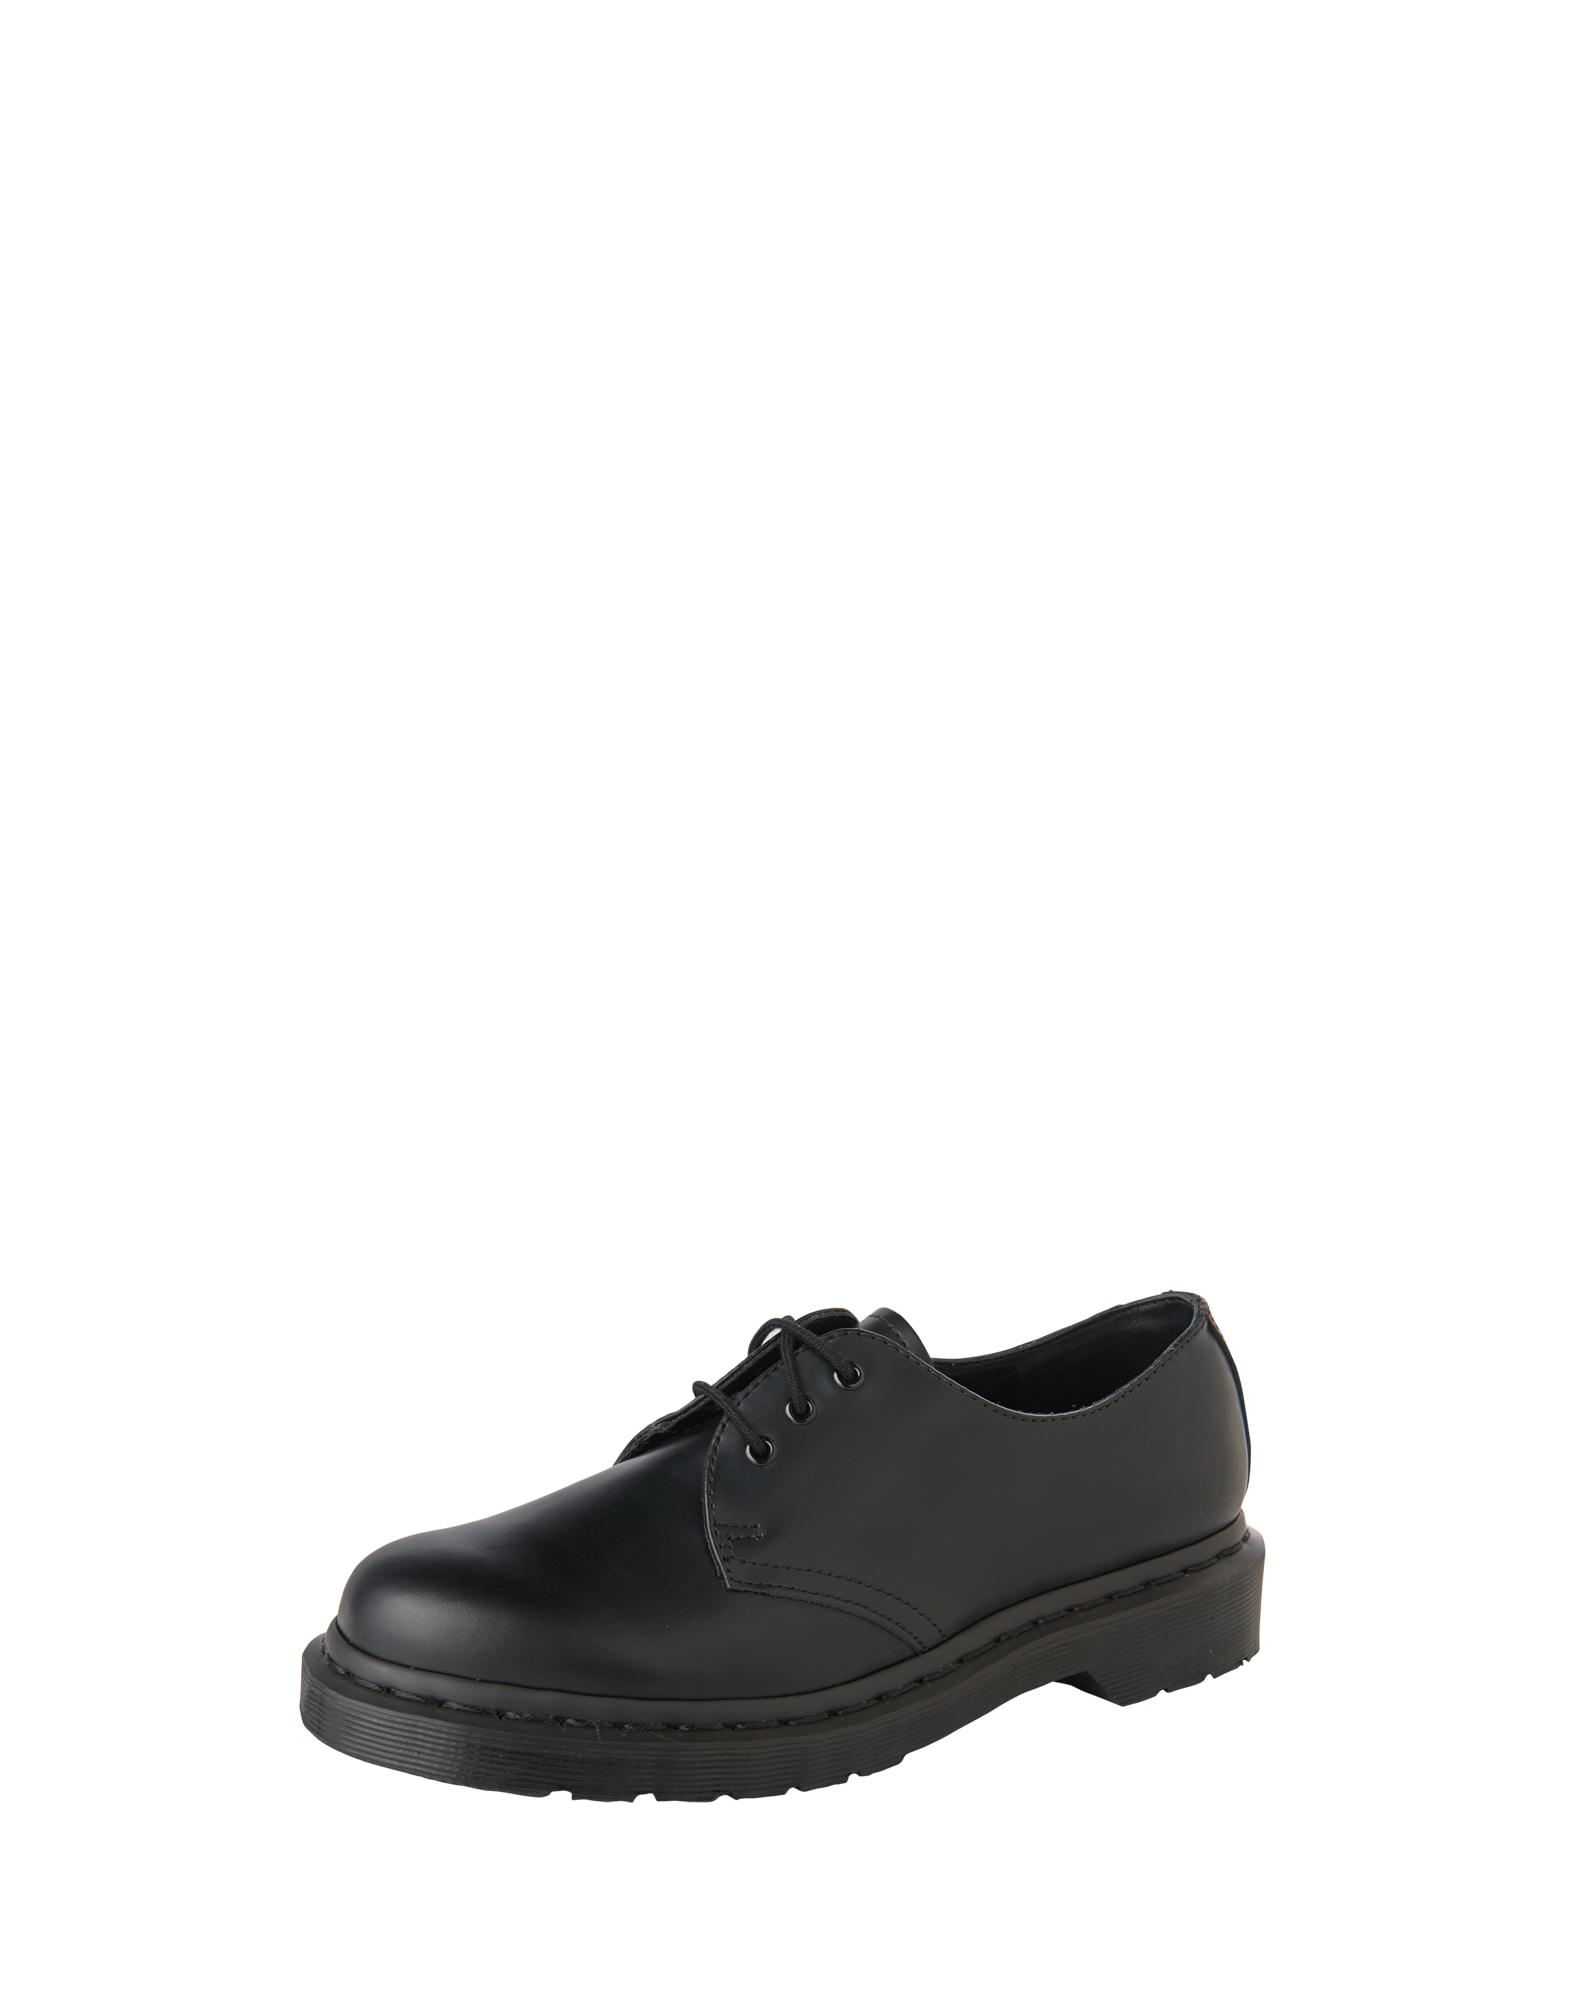 Šněrovací boty 1461 8 Eye Boot Smooth černá Dr. Martens